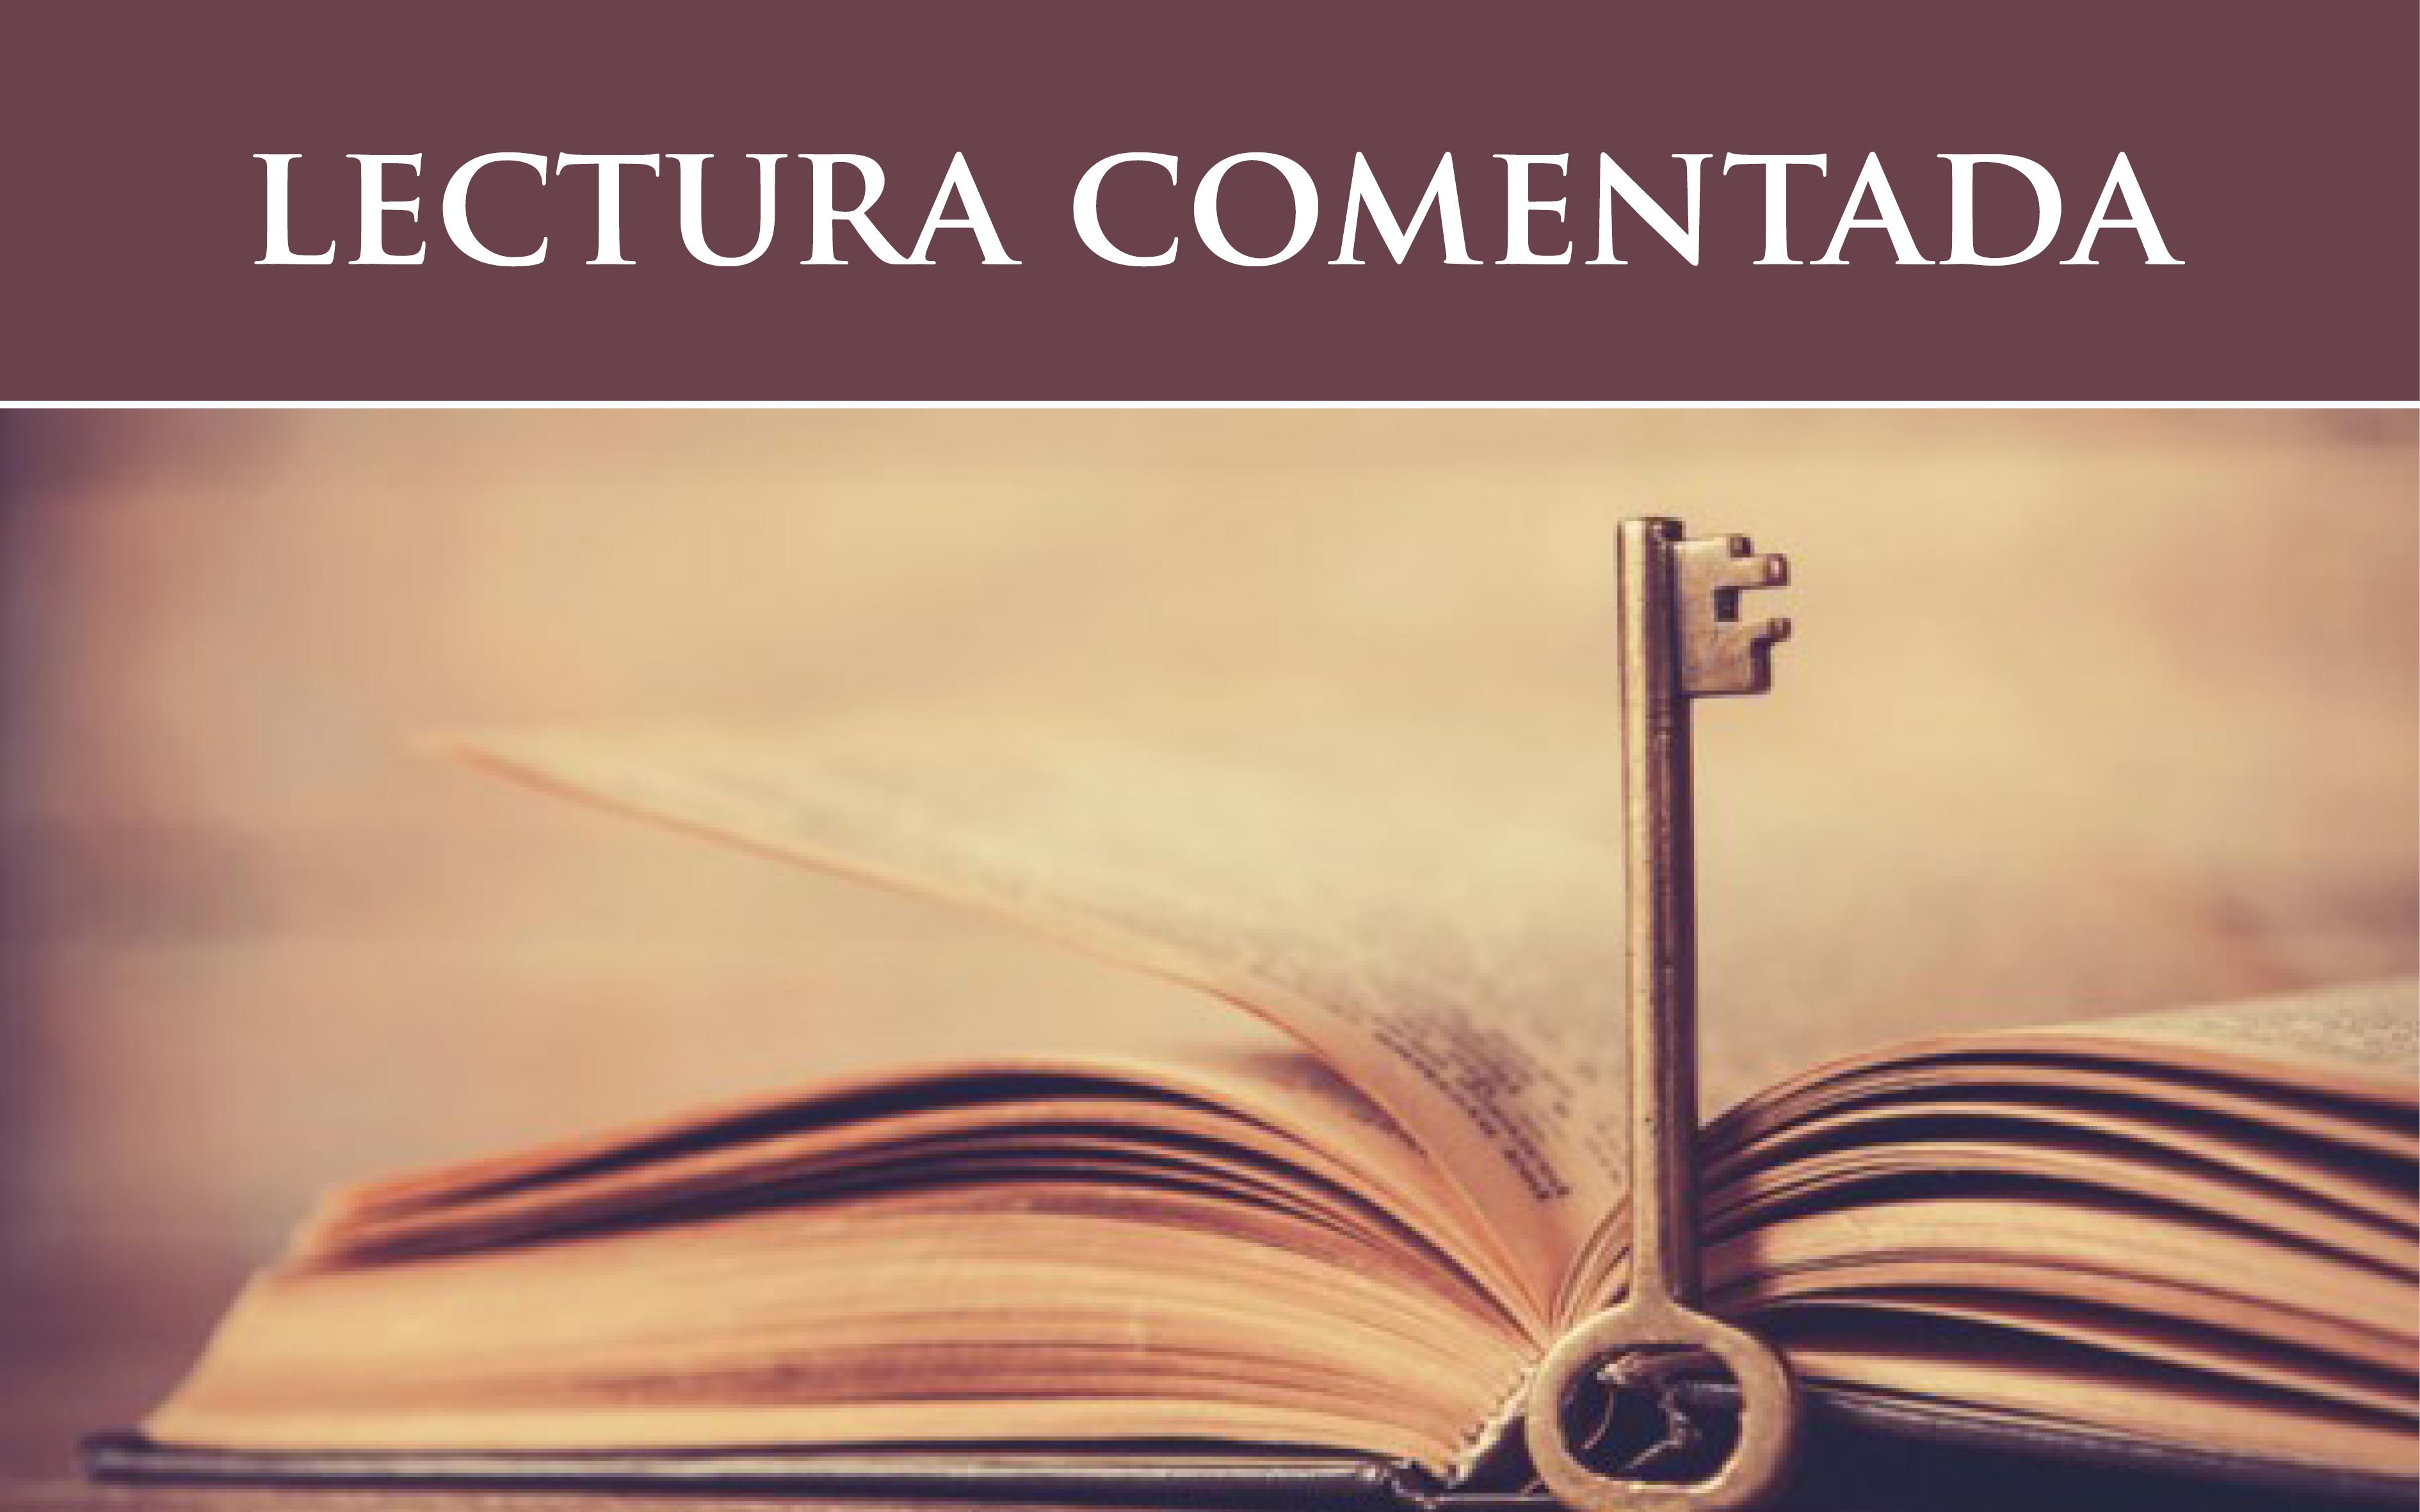 9. COL·LECCIÓ DE CONSELLS PRÀCTICS DELS SAVIS